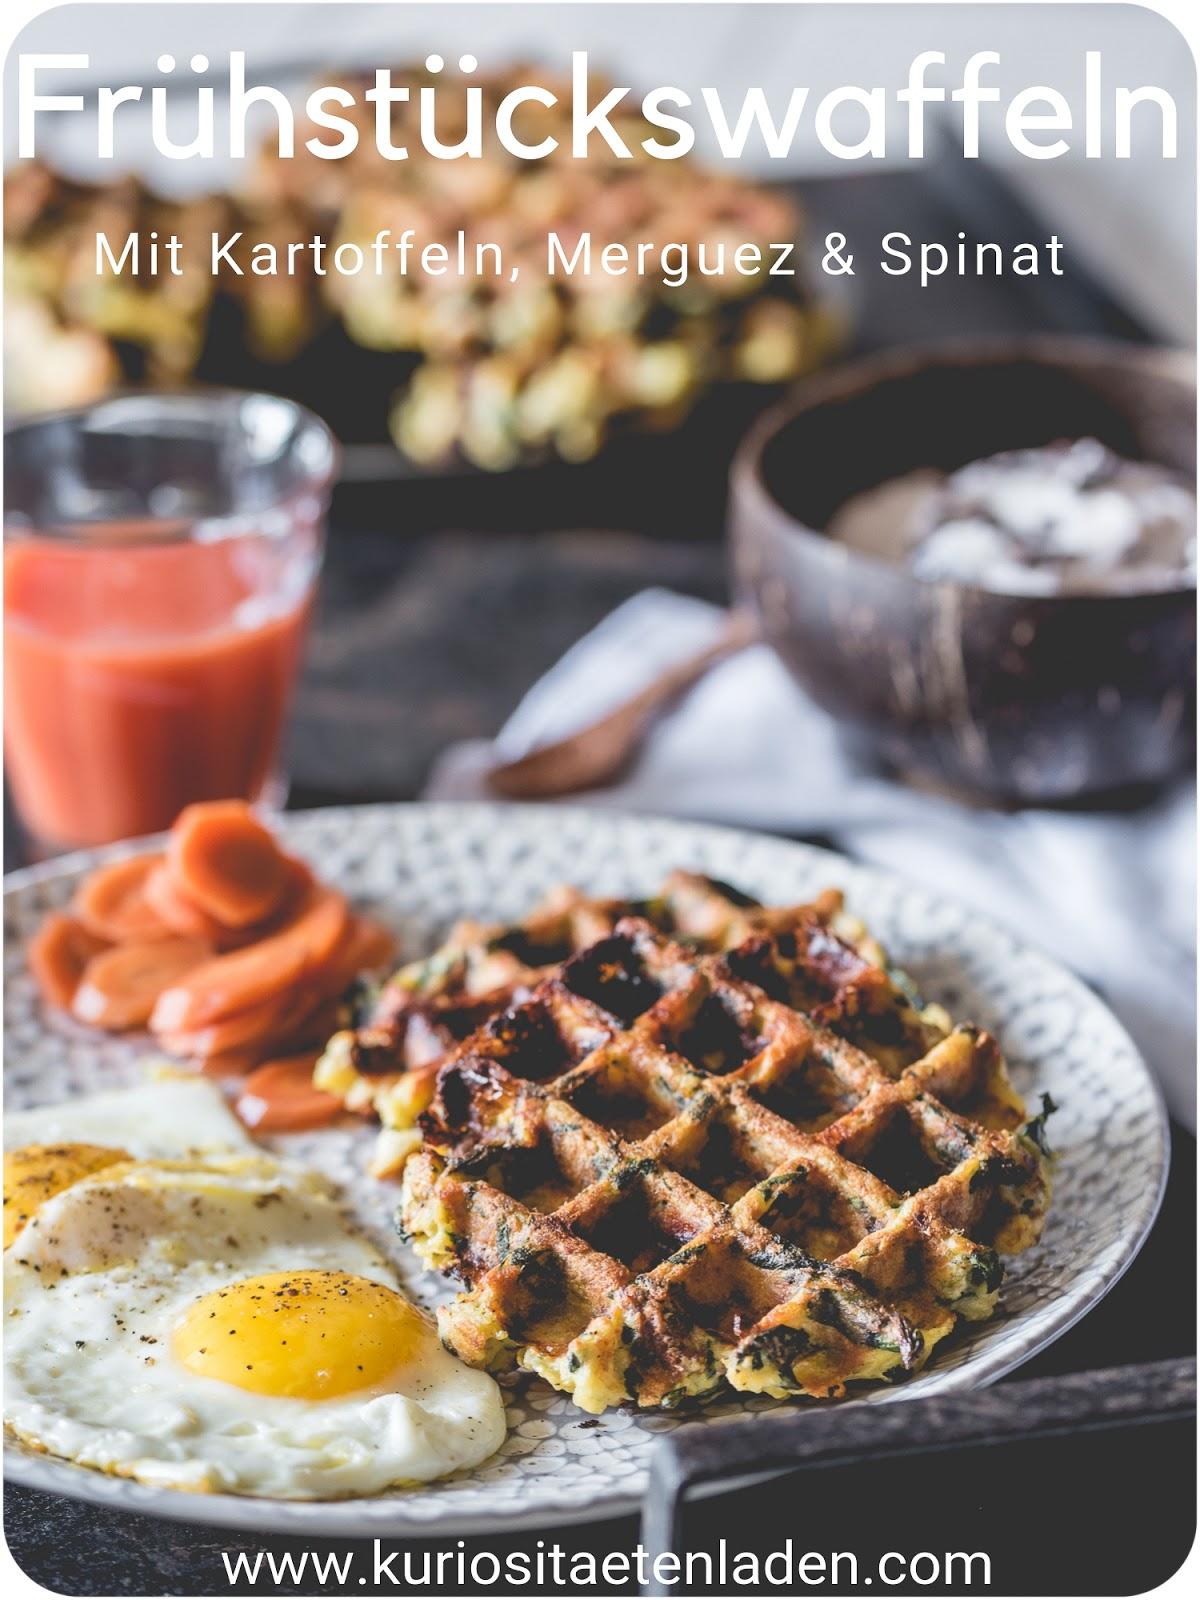 Frühstücks-Kartoffelwaffeln mit Merguez, Spinat und Feta